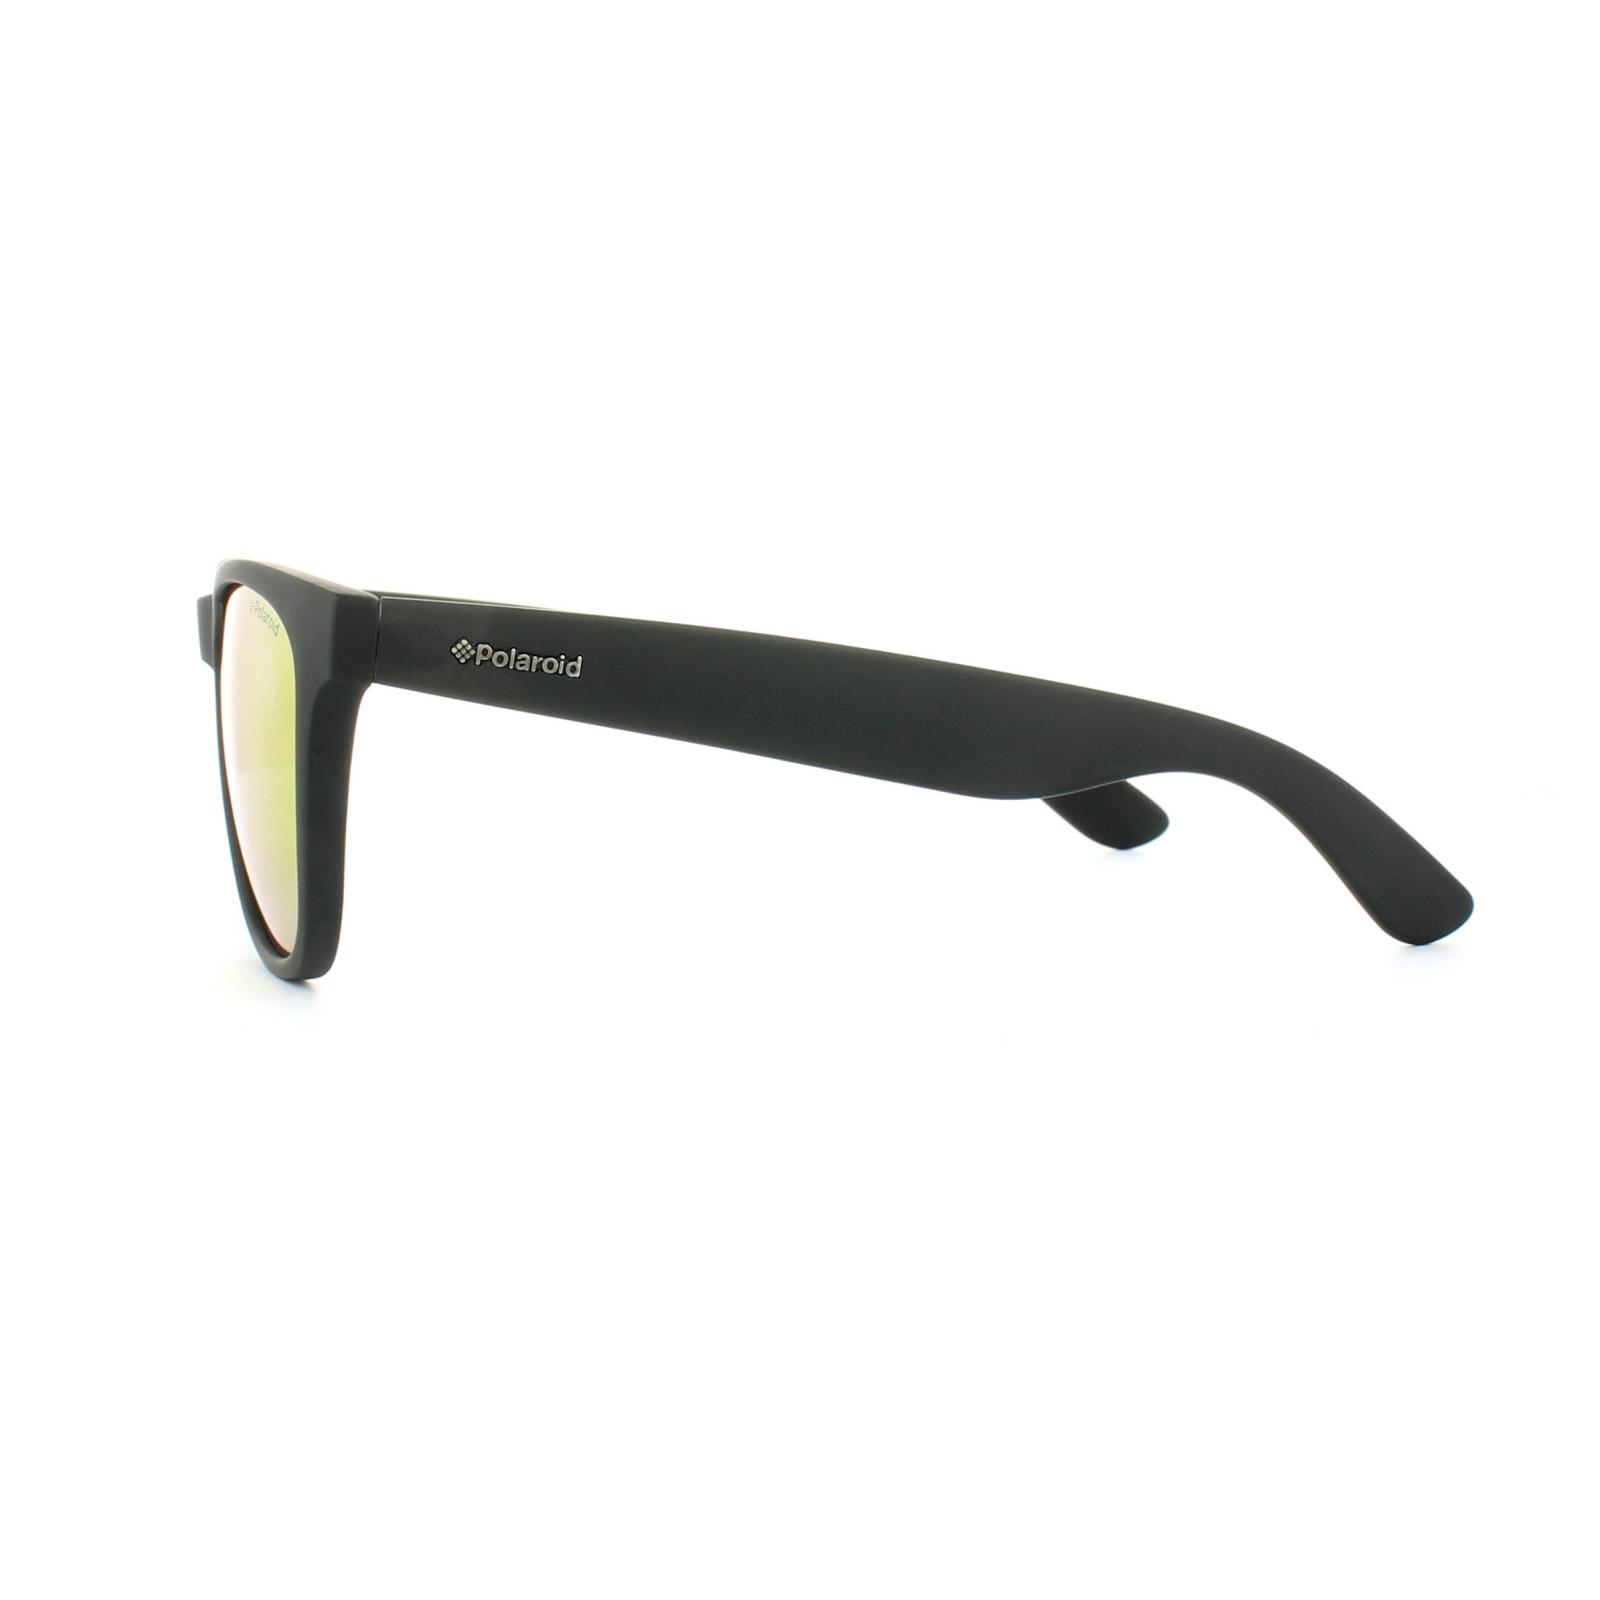 Polaroid occhiali da sole p8443 9ca l6 nero gomma grigio - Specchio polarizzato ...